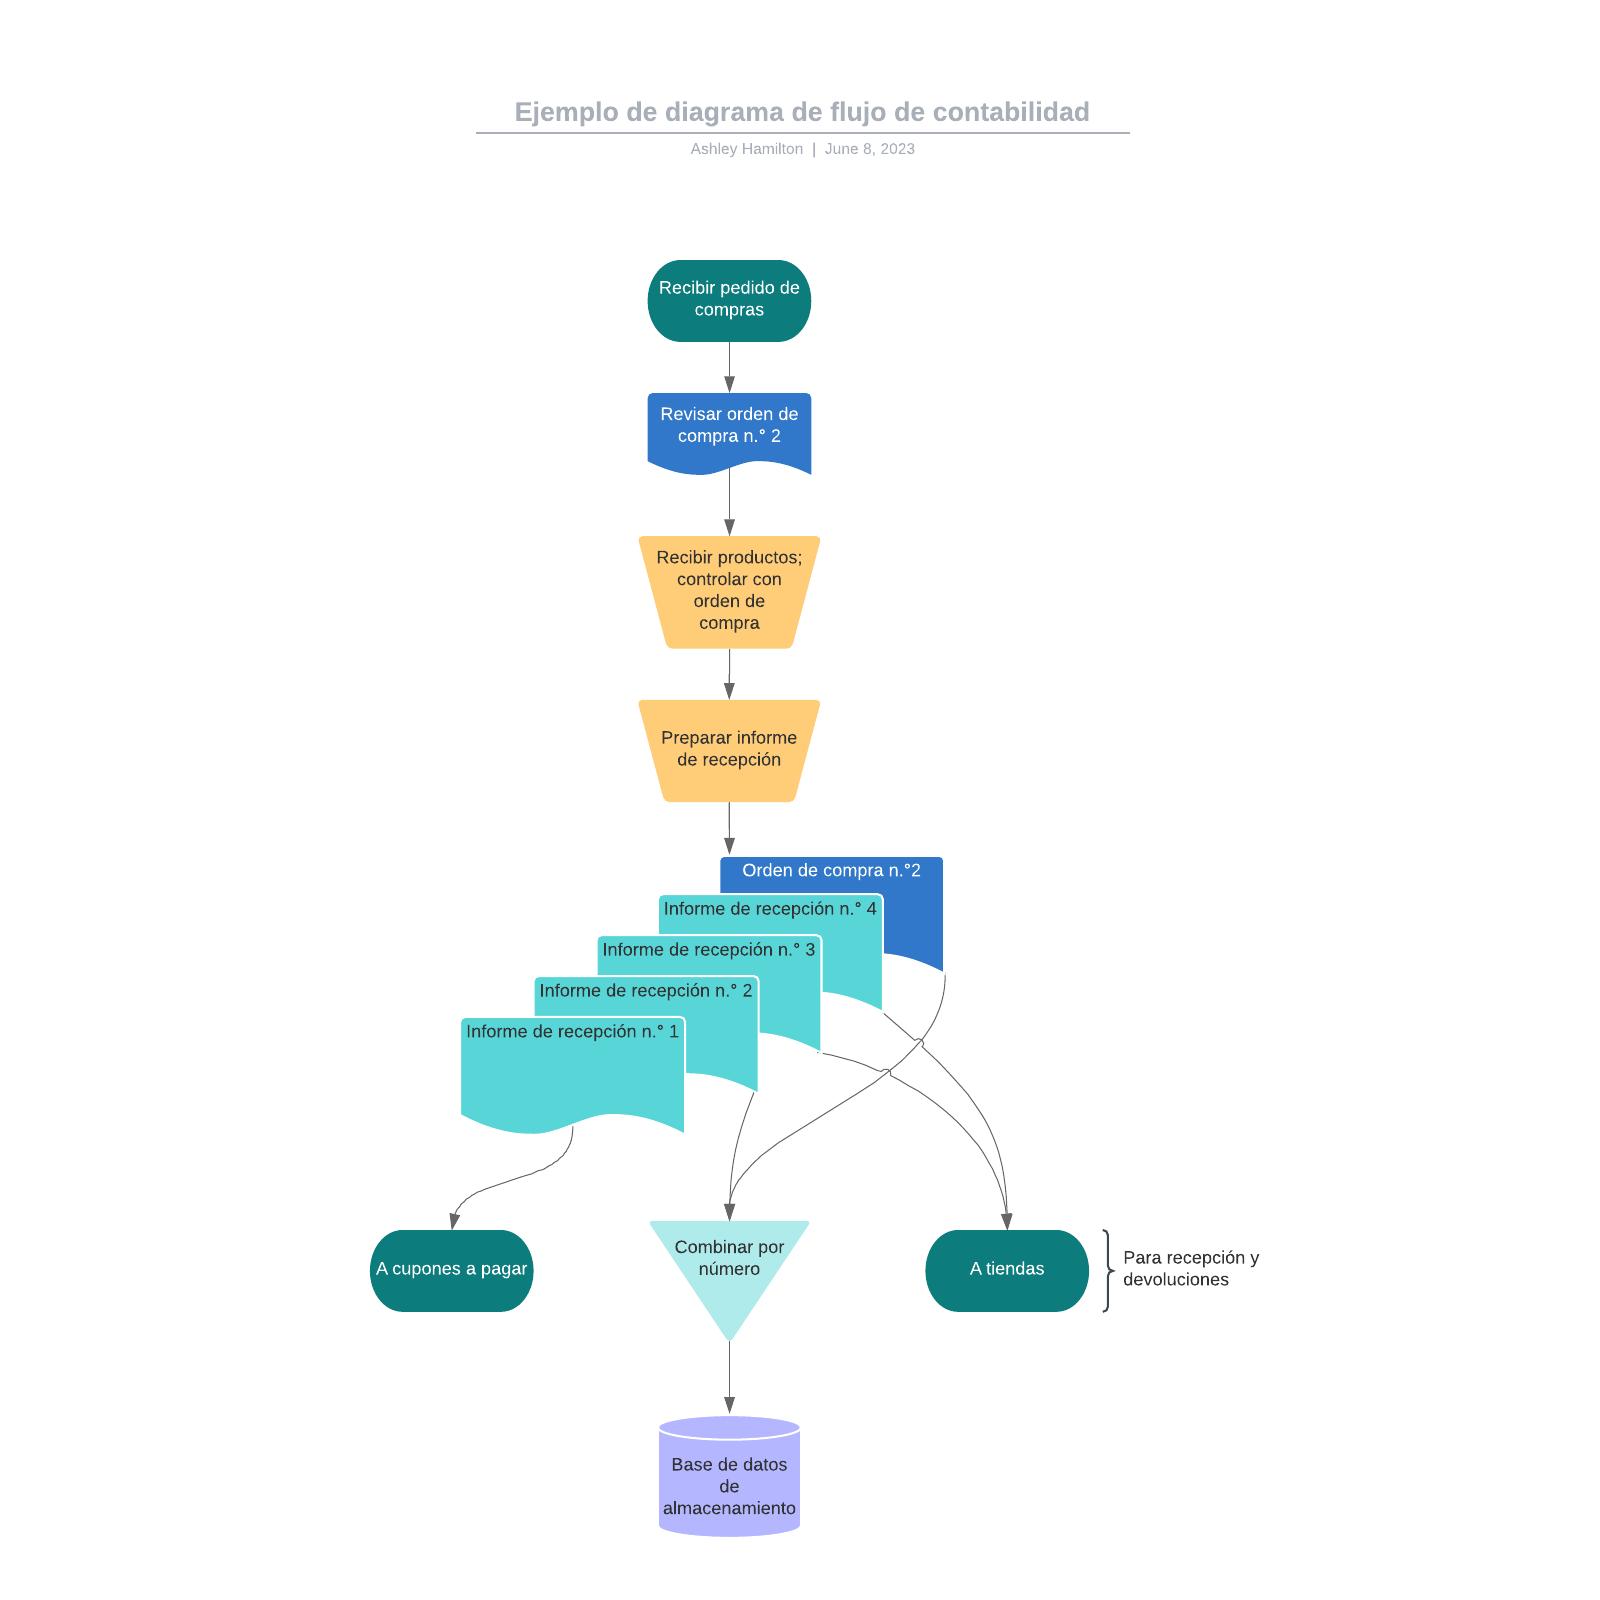 Ejemplo de diagrama de flujo de contabilidad